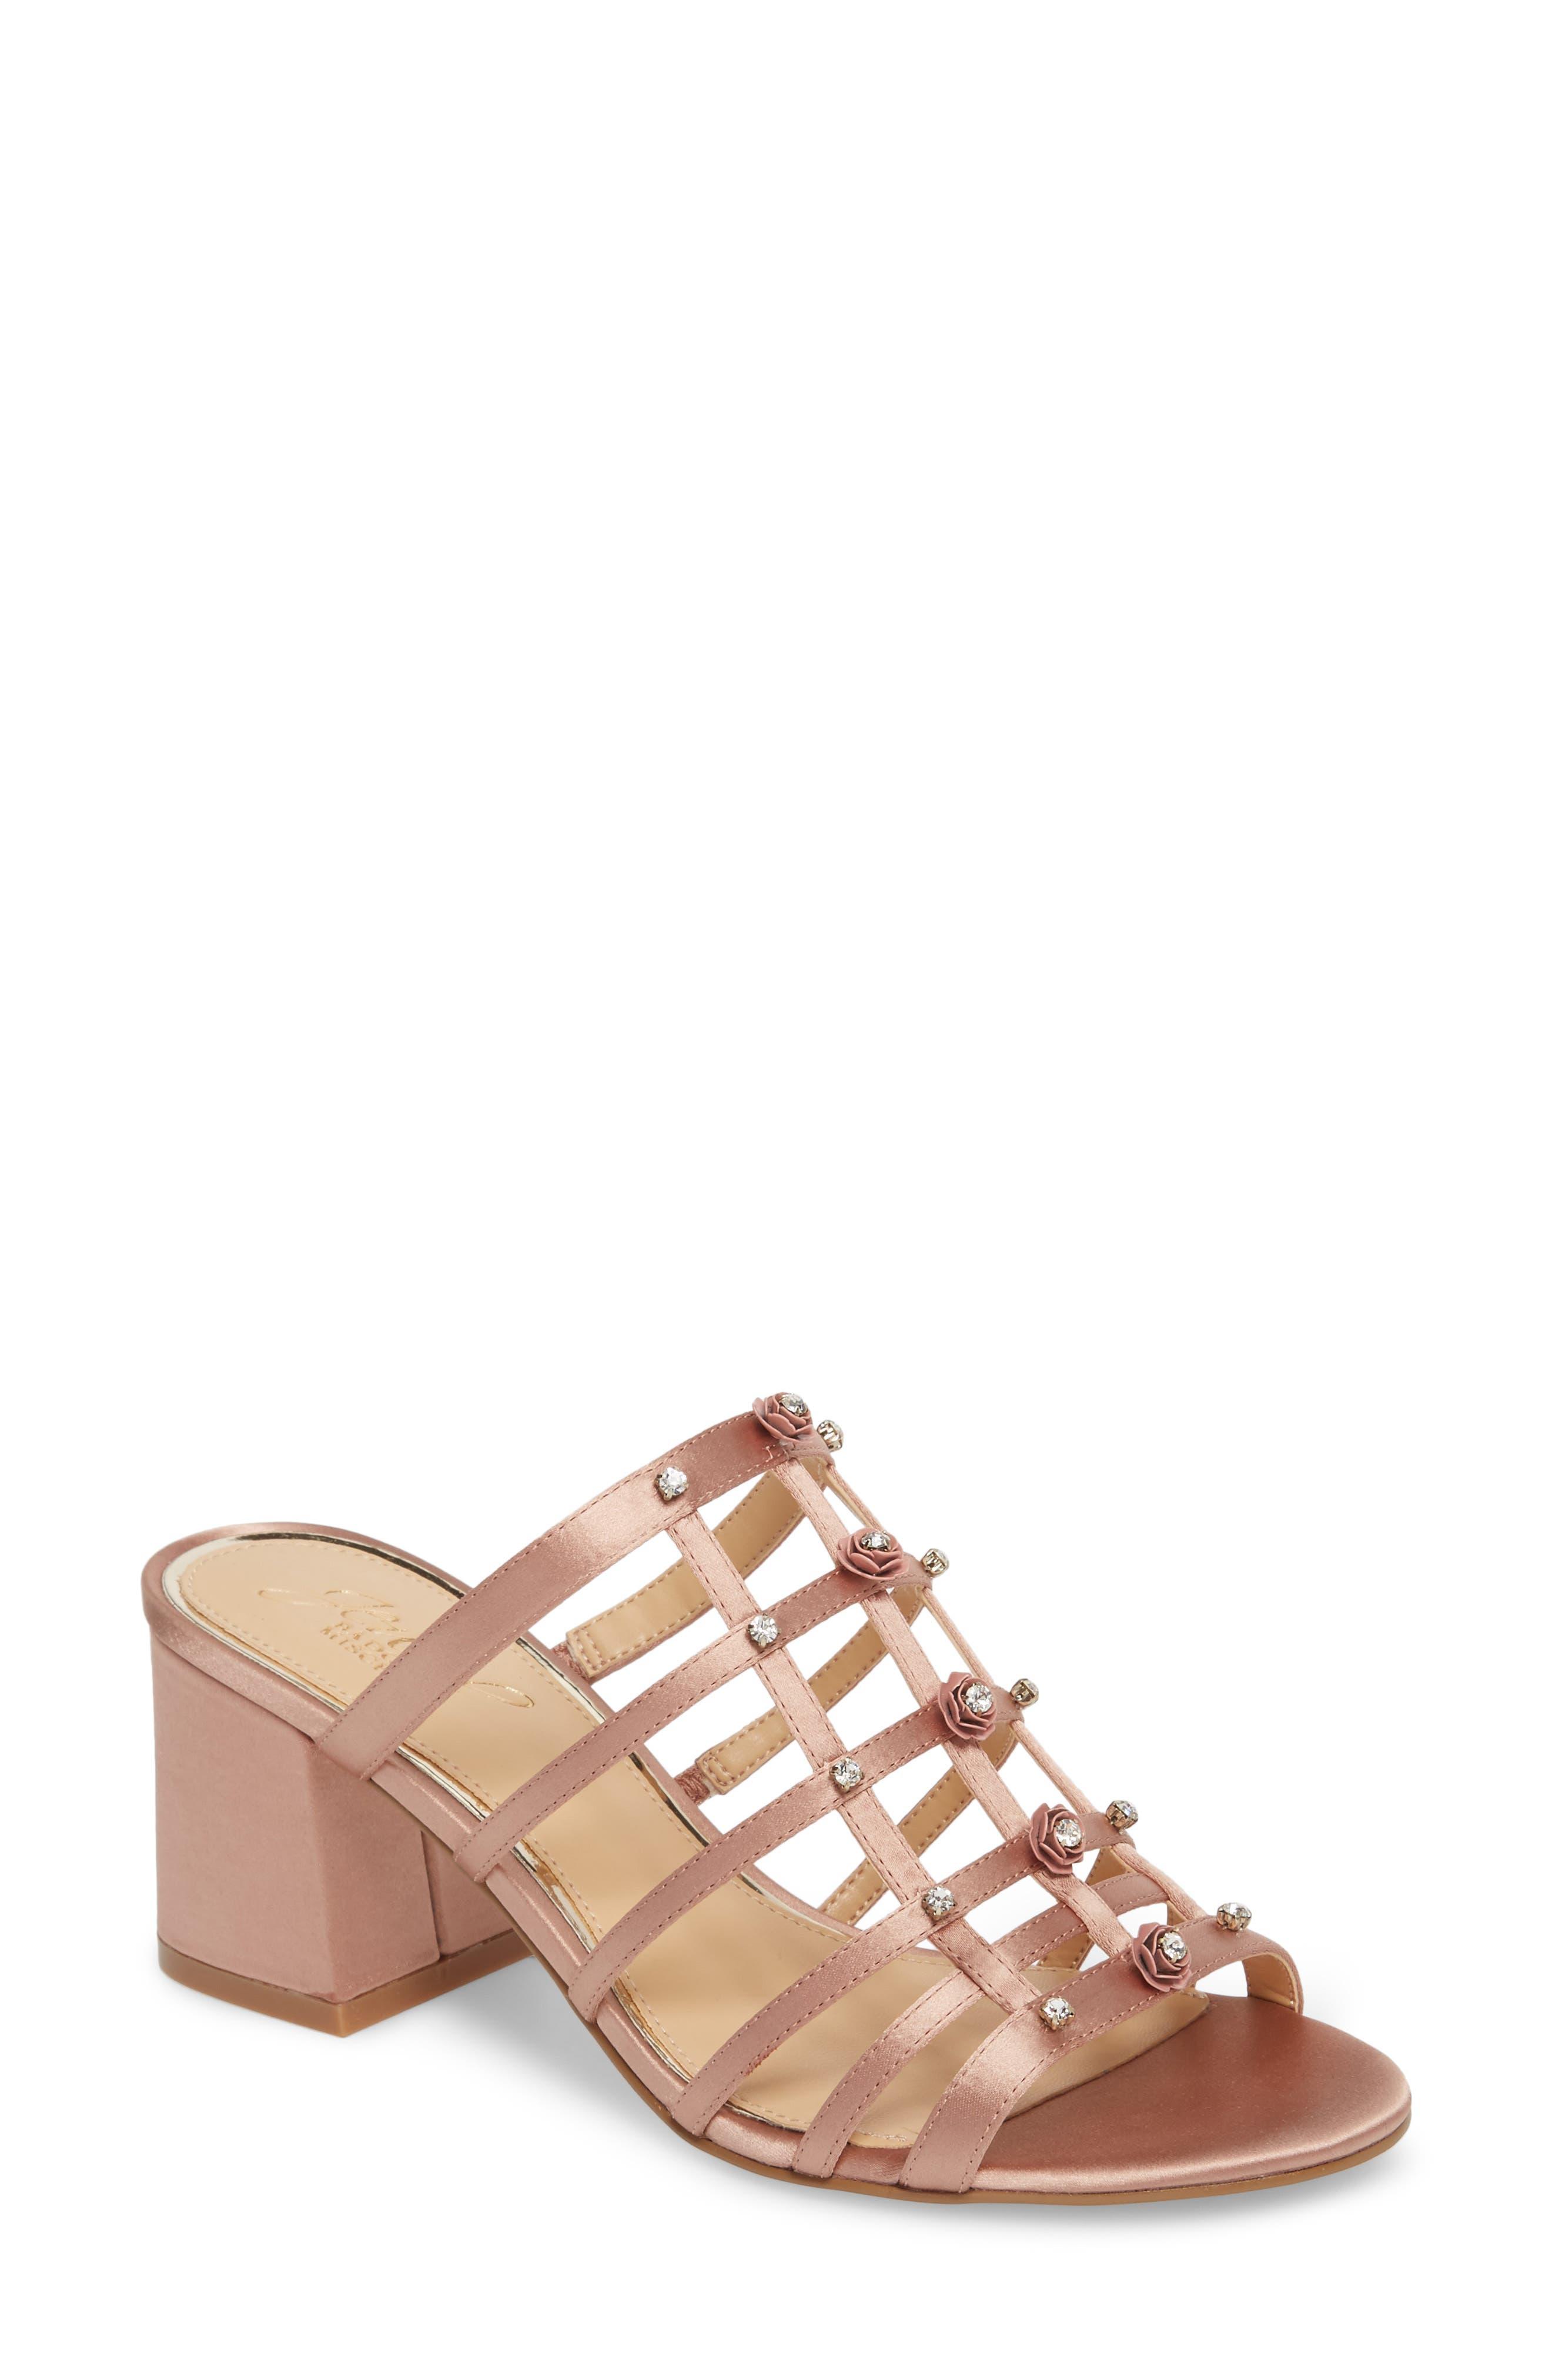 Thorne Crystal Rose Embellished Slide Sandal,                         Main,                         color, Dark Blush Satin